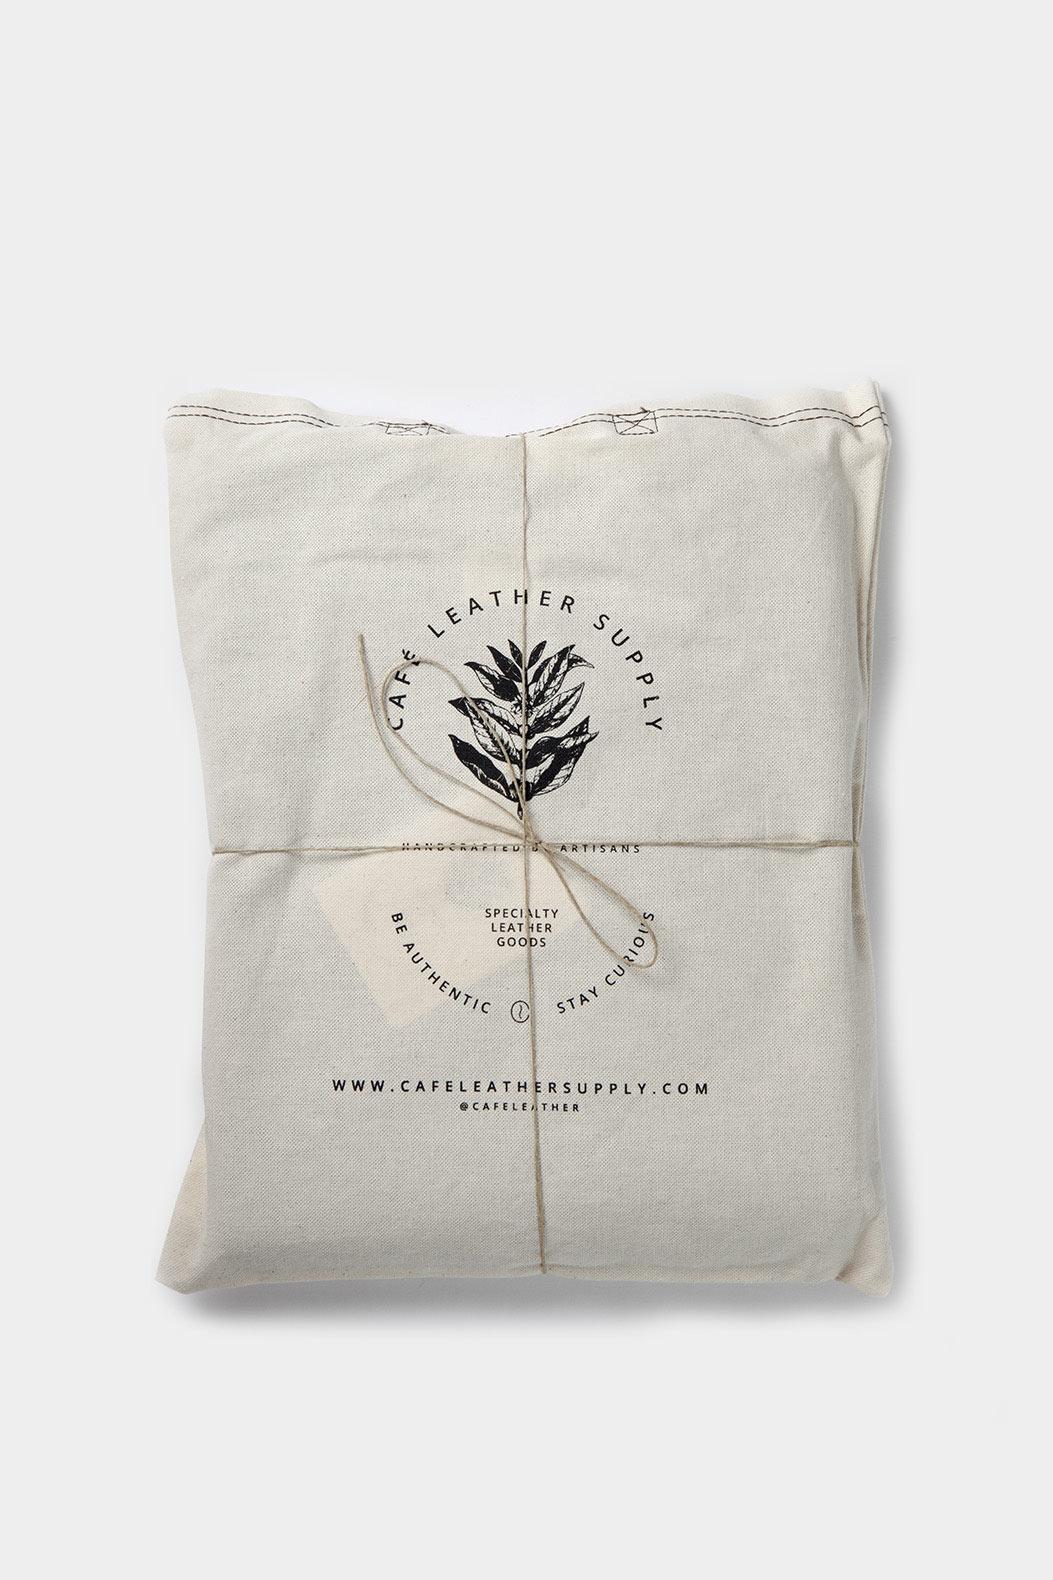 t-shirt-packaging 2